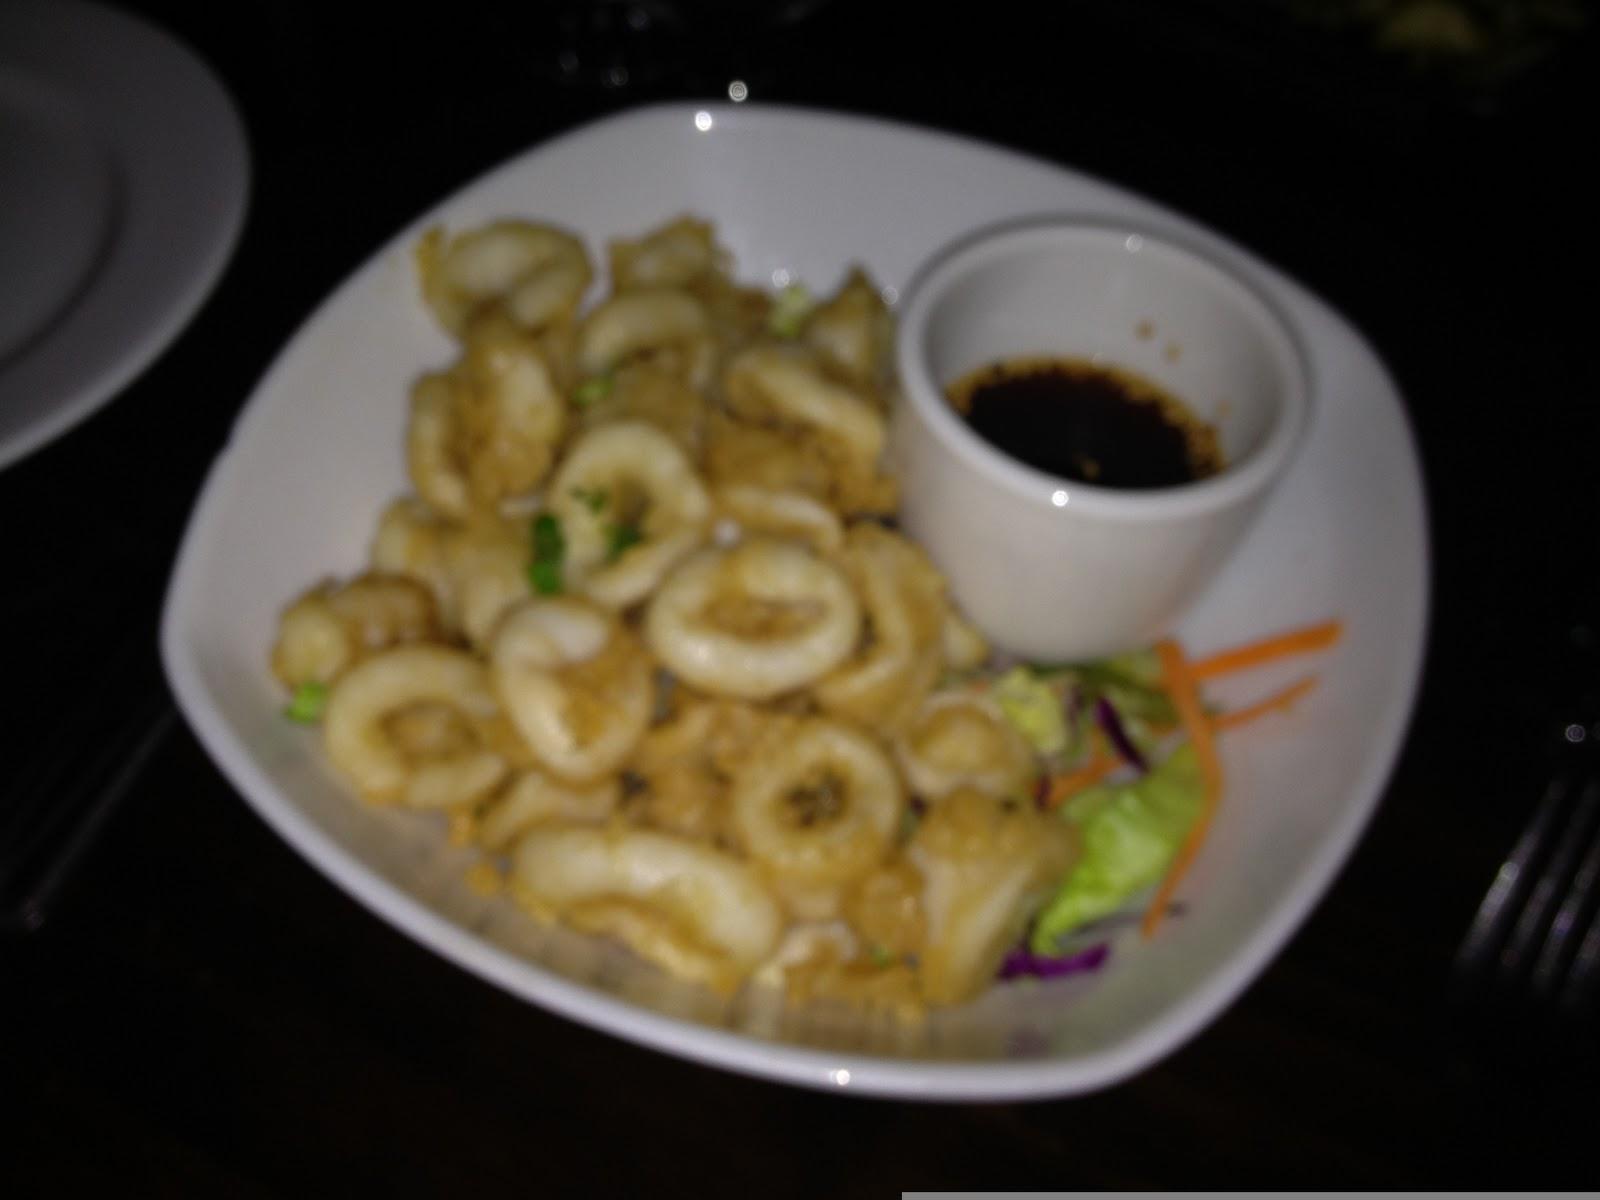 Tri-City Eats: Cafe ONE 11 Johnson City, TN